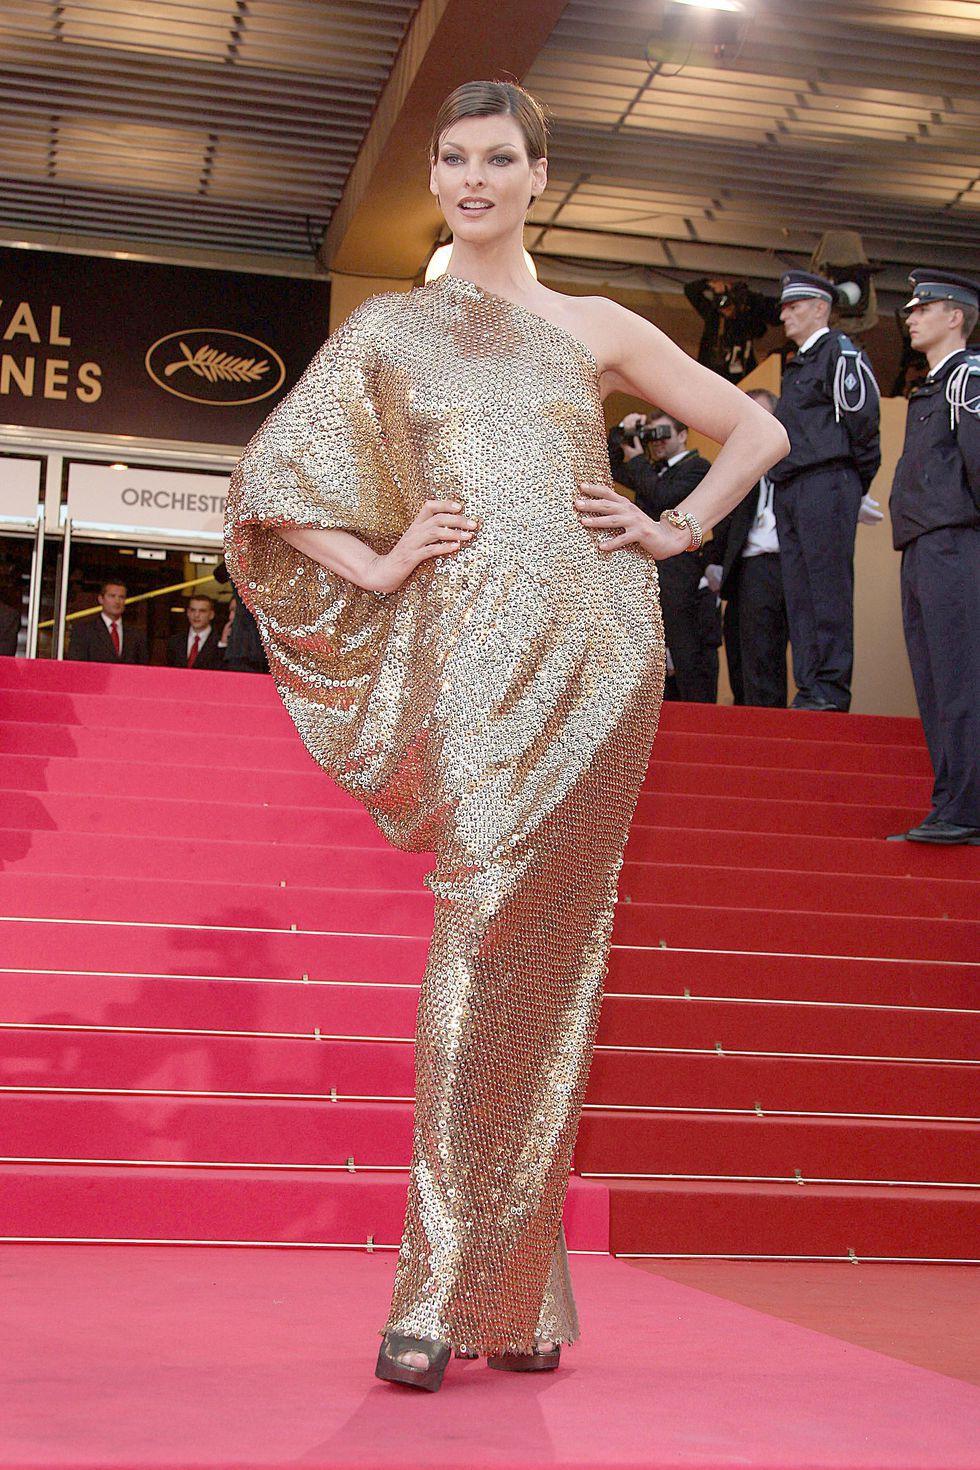 30 màn thả dáng có thần thái đi vào huyền thoại Cannes: Không cần trò vạch, phơi lồng lộn vẫn chiếm trọn spotlight! - Ảnh 10.